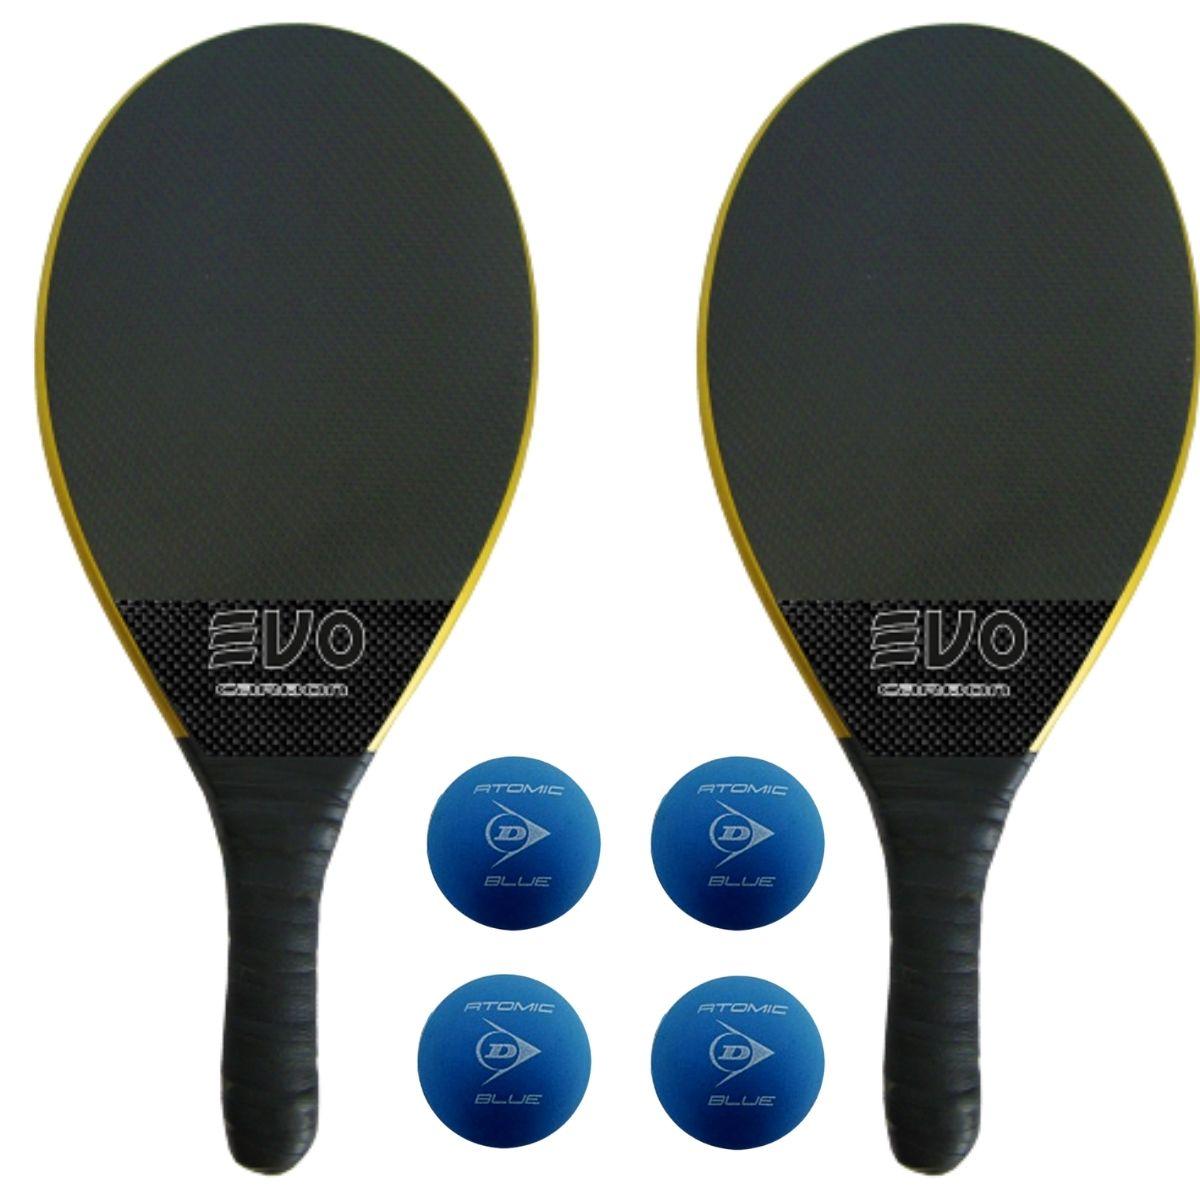 Kit Raquetes Frescobol Evo Carbon Preto com 4 Bolas Dunlop